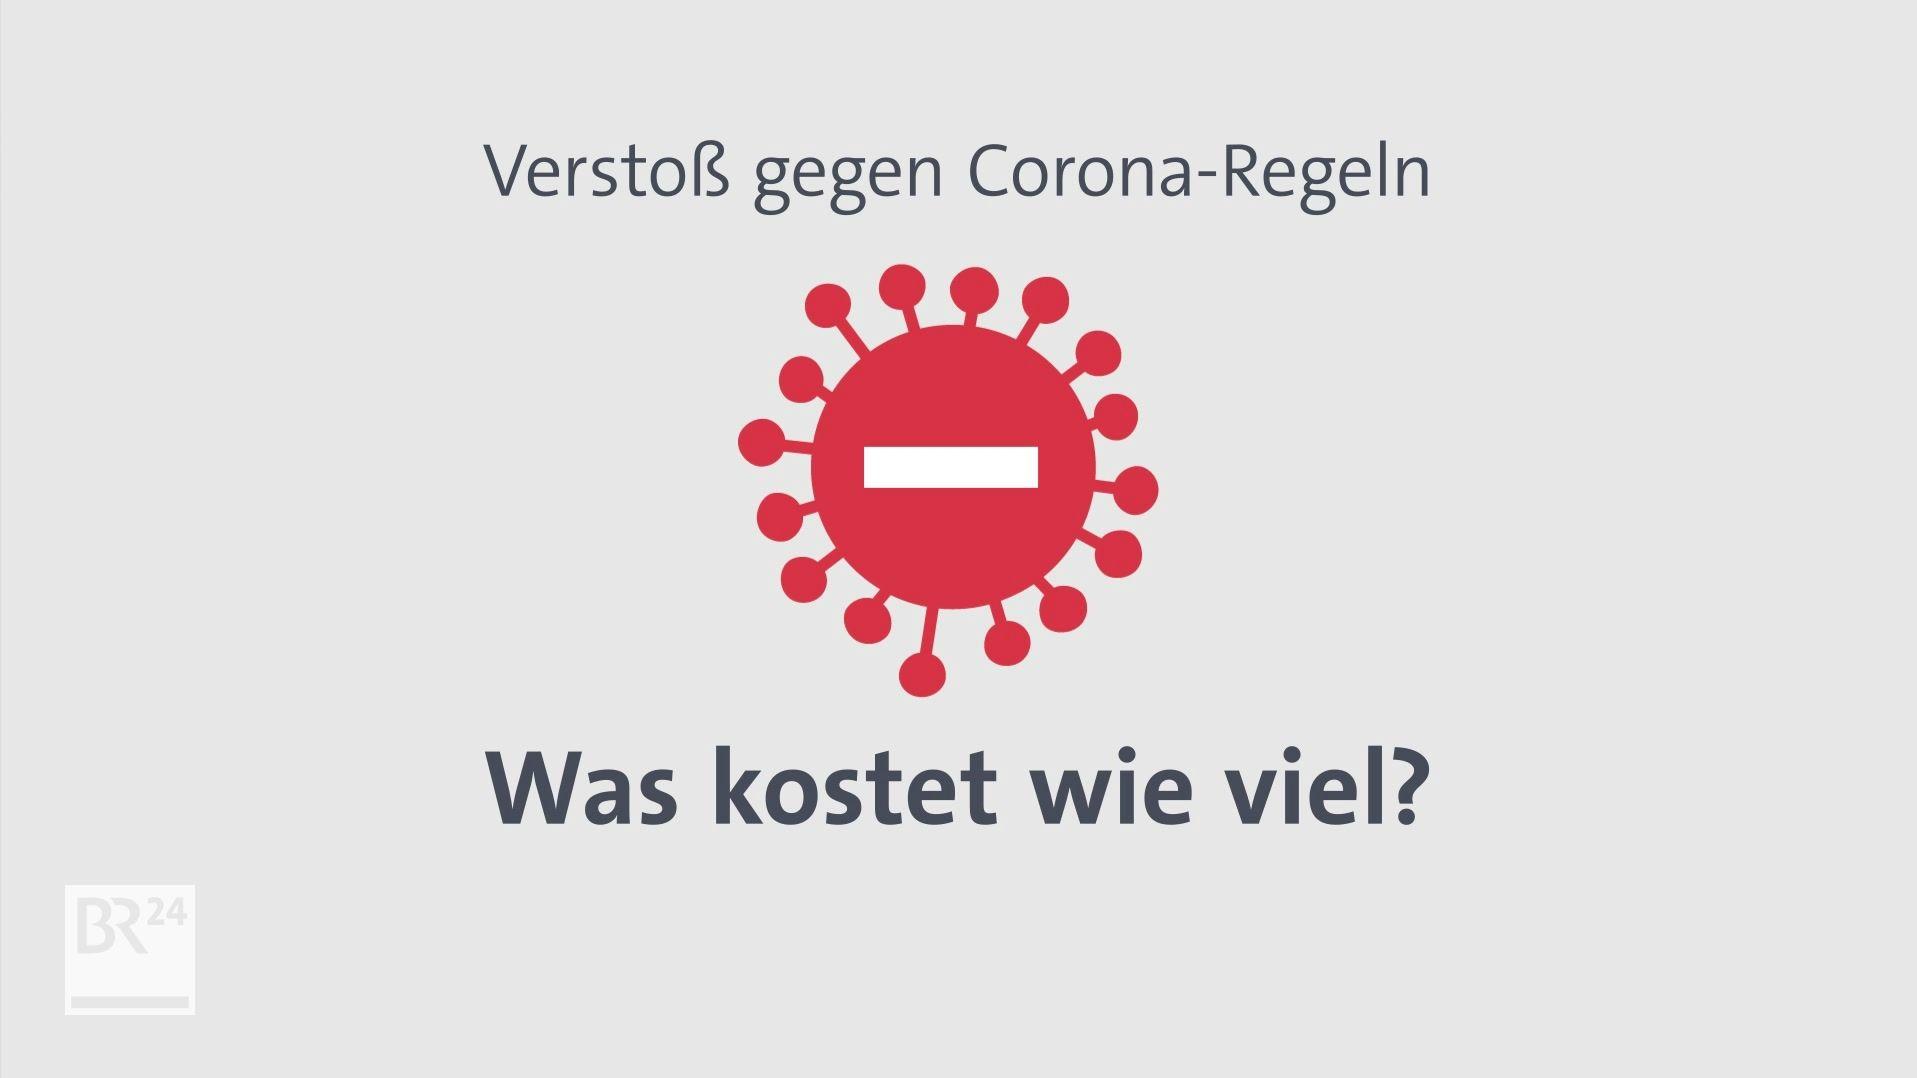 Damit die Auflagen in der Coronakrise auch eingehalten werden, hat das Bayerische Innenministerium zusammen mit dem Gesundheitsministerium Bußgelder für Regelverstöße festgelegt. Manches kann sogar als Straftat gewertet werden.